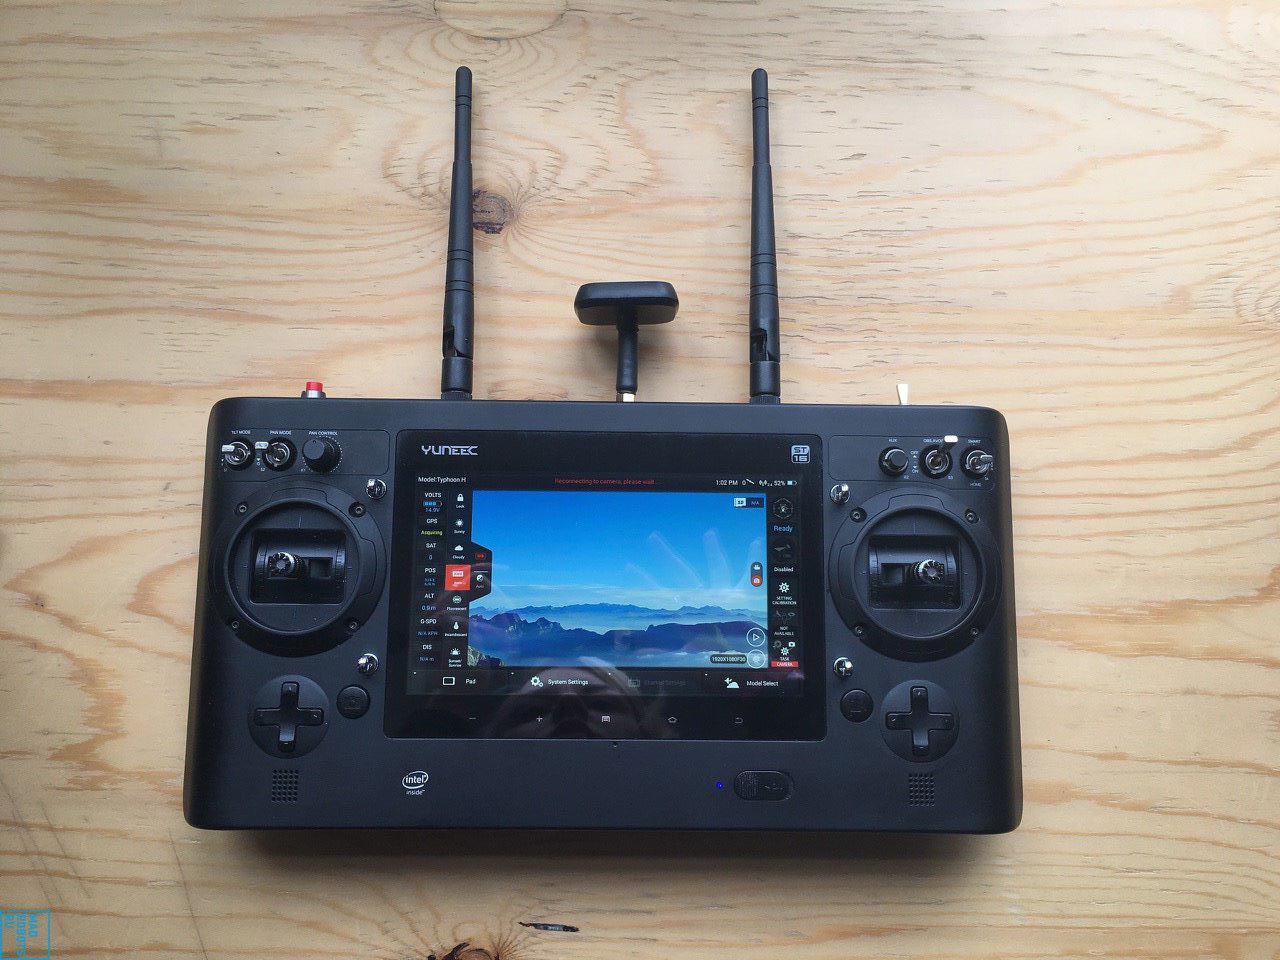 Гексакоптер Yuneec Typhoon H: профессиональный дрон с простым управлением - 5